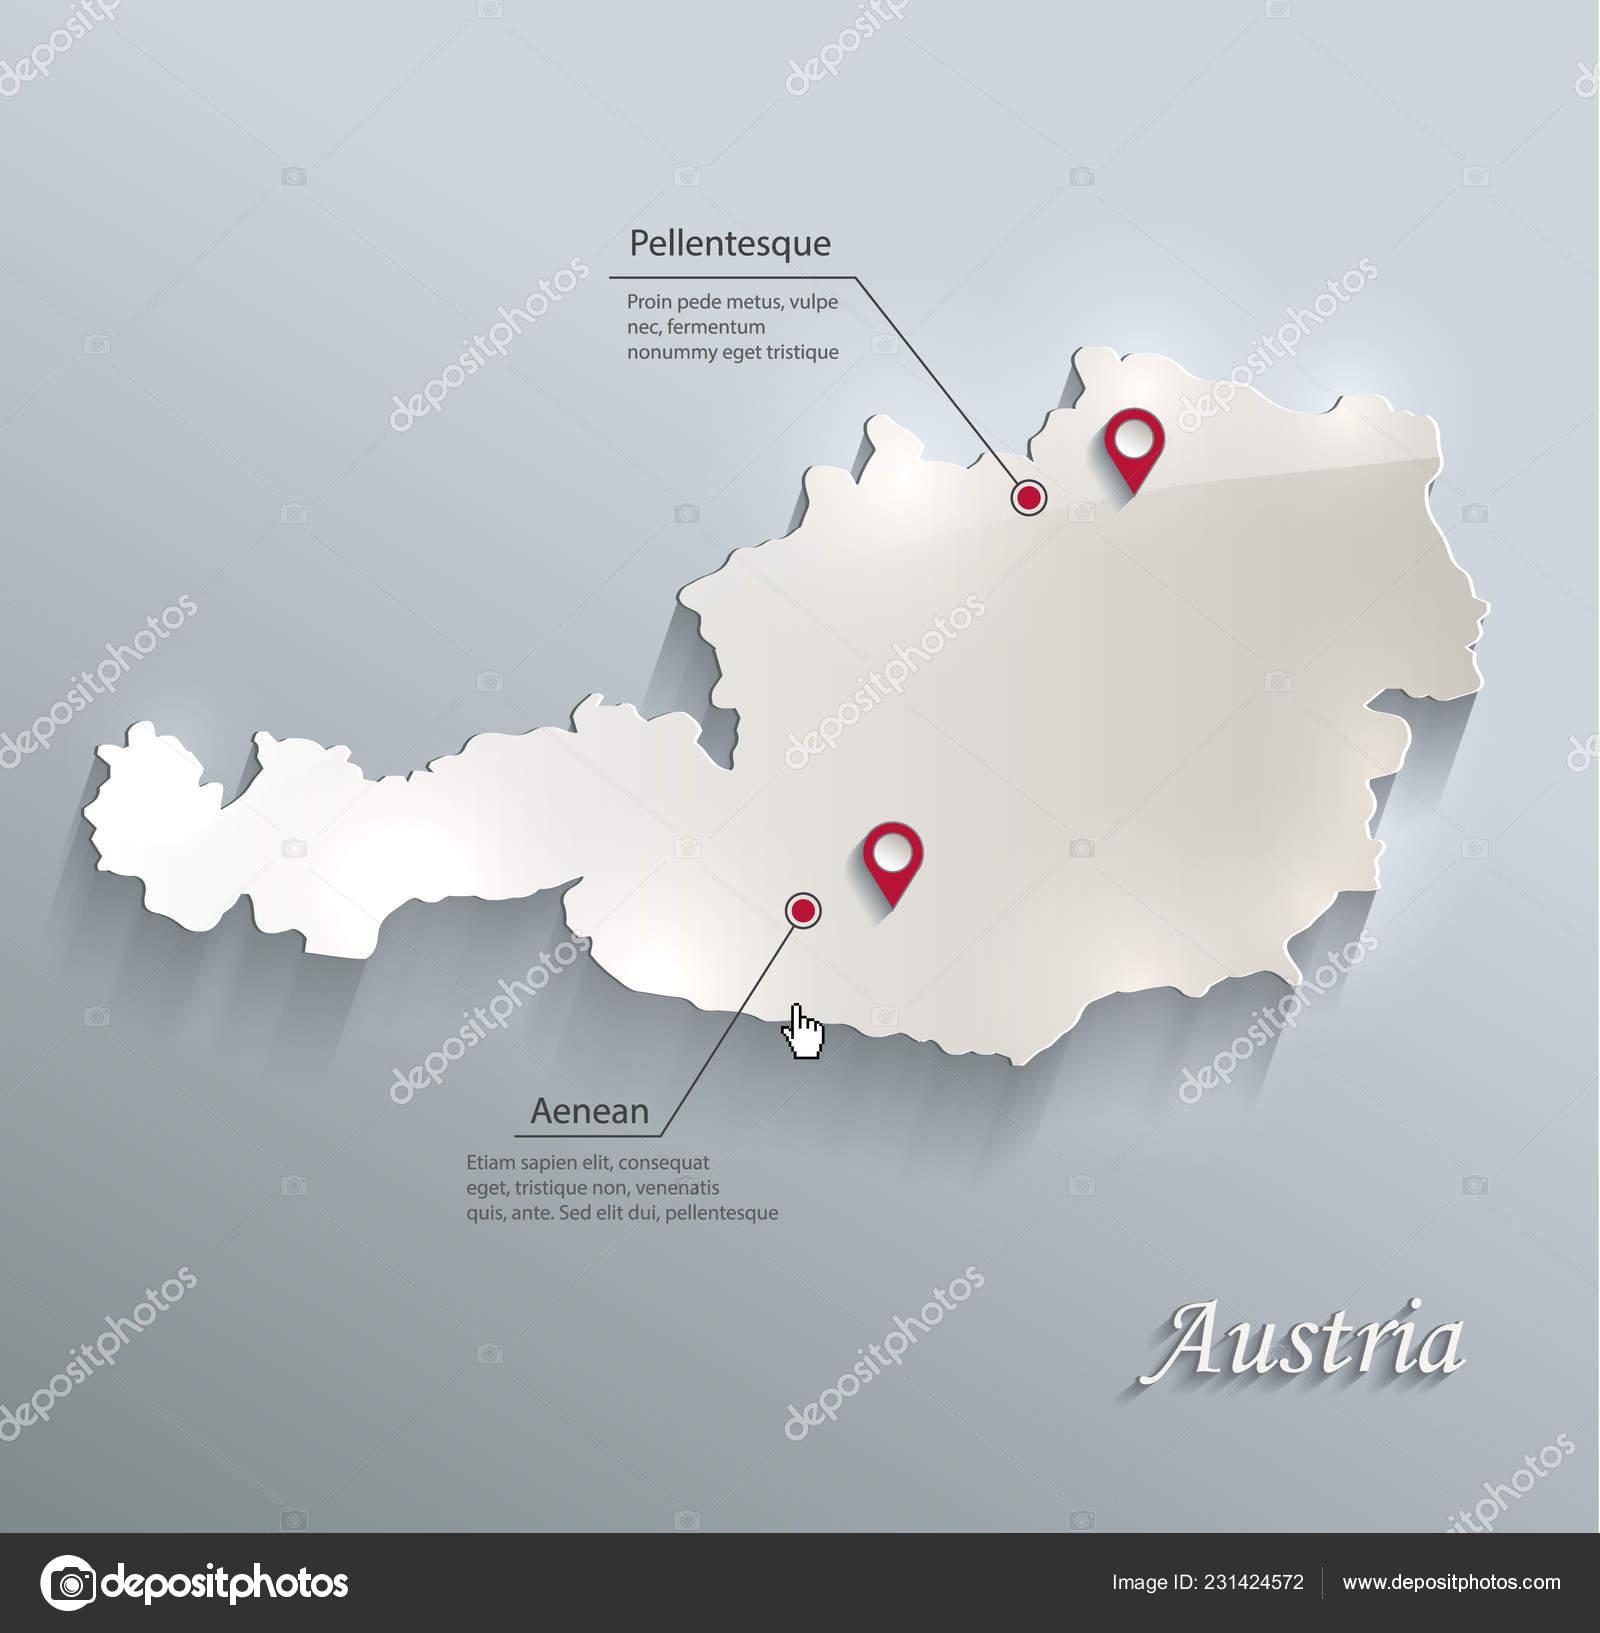 3d Karte Osterreich.Osterreich Karte Blau Weisse Karte Papier Vektor